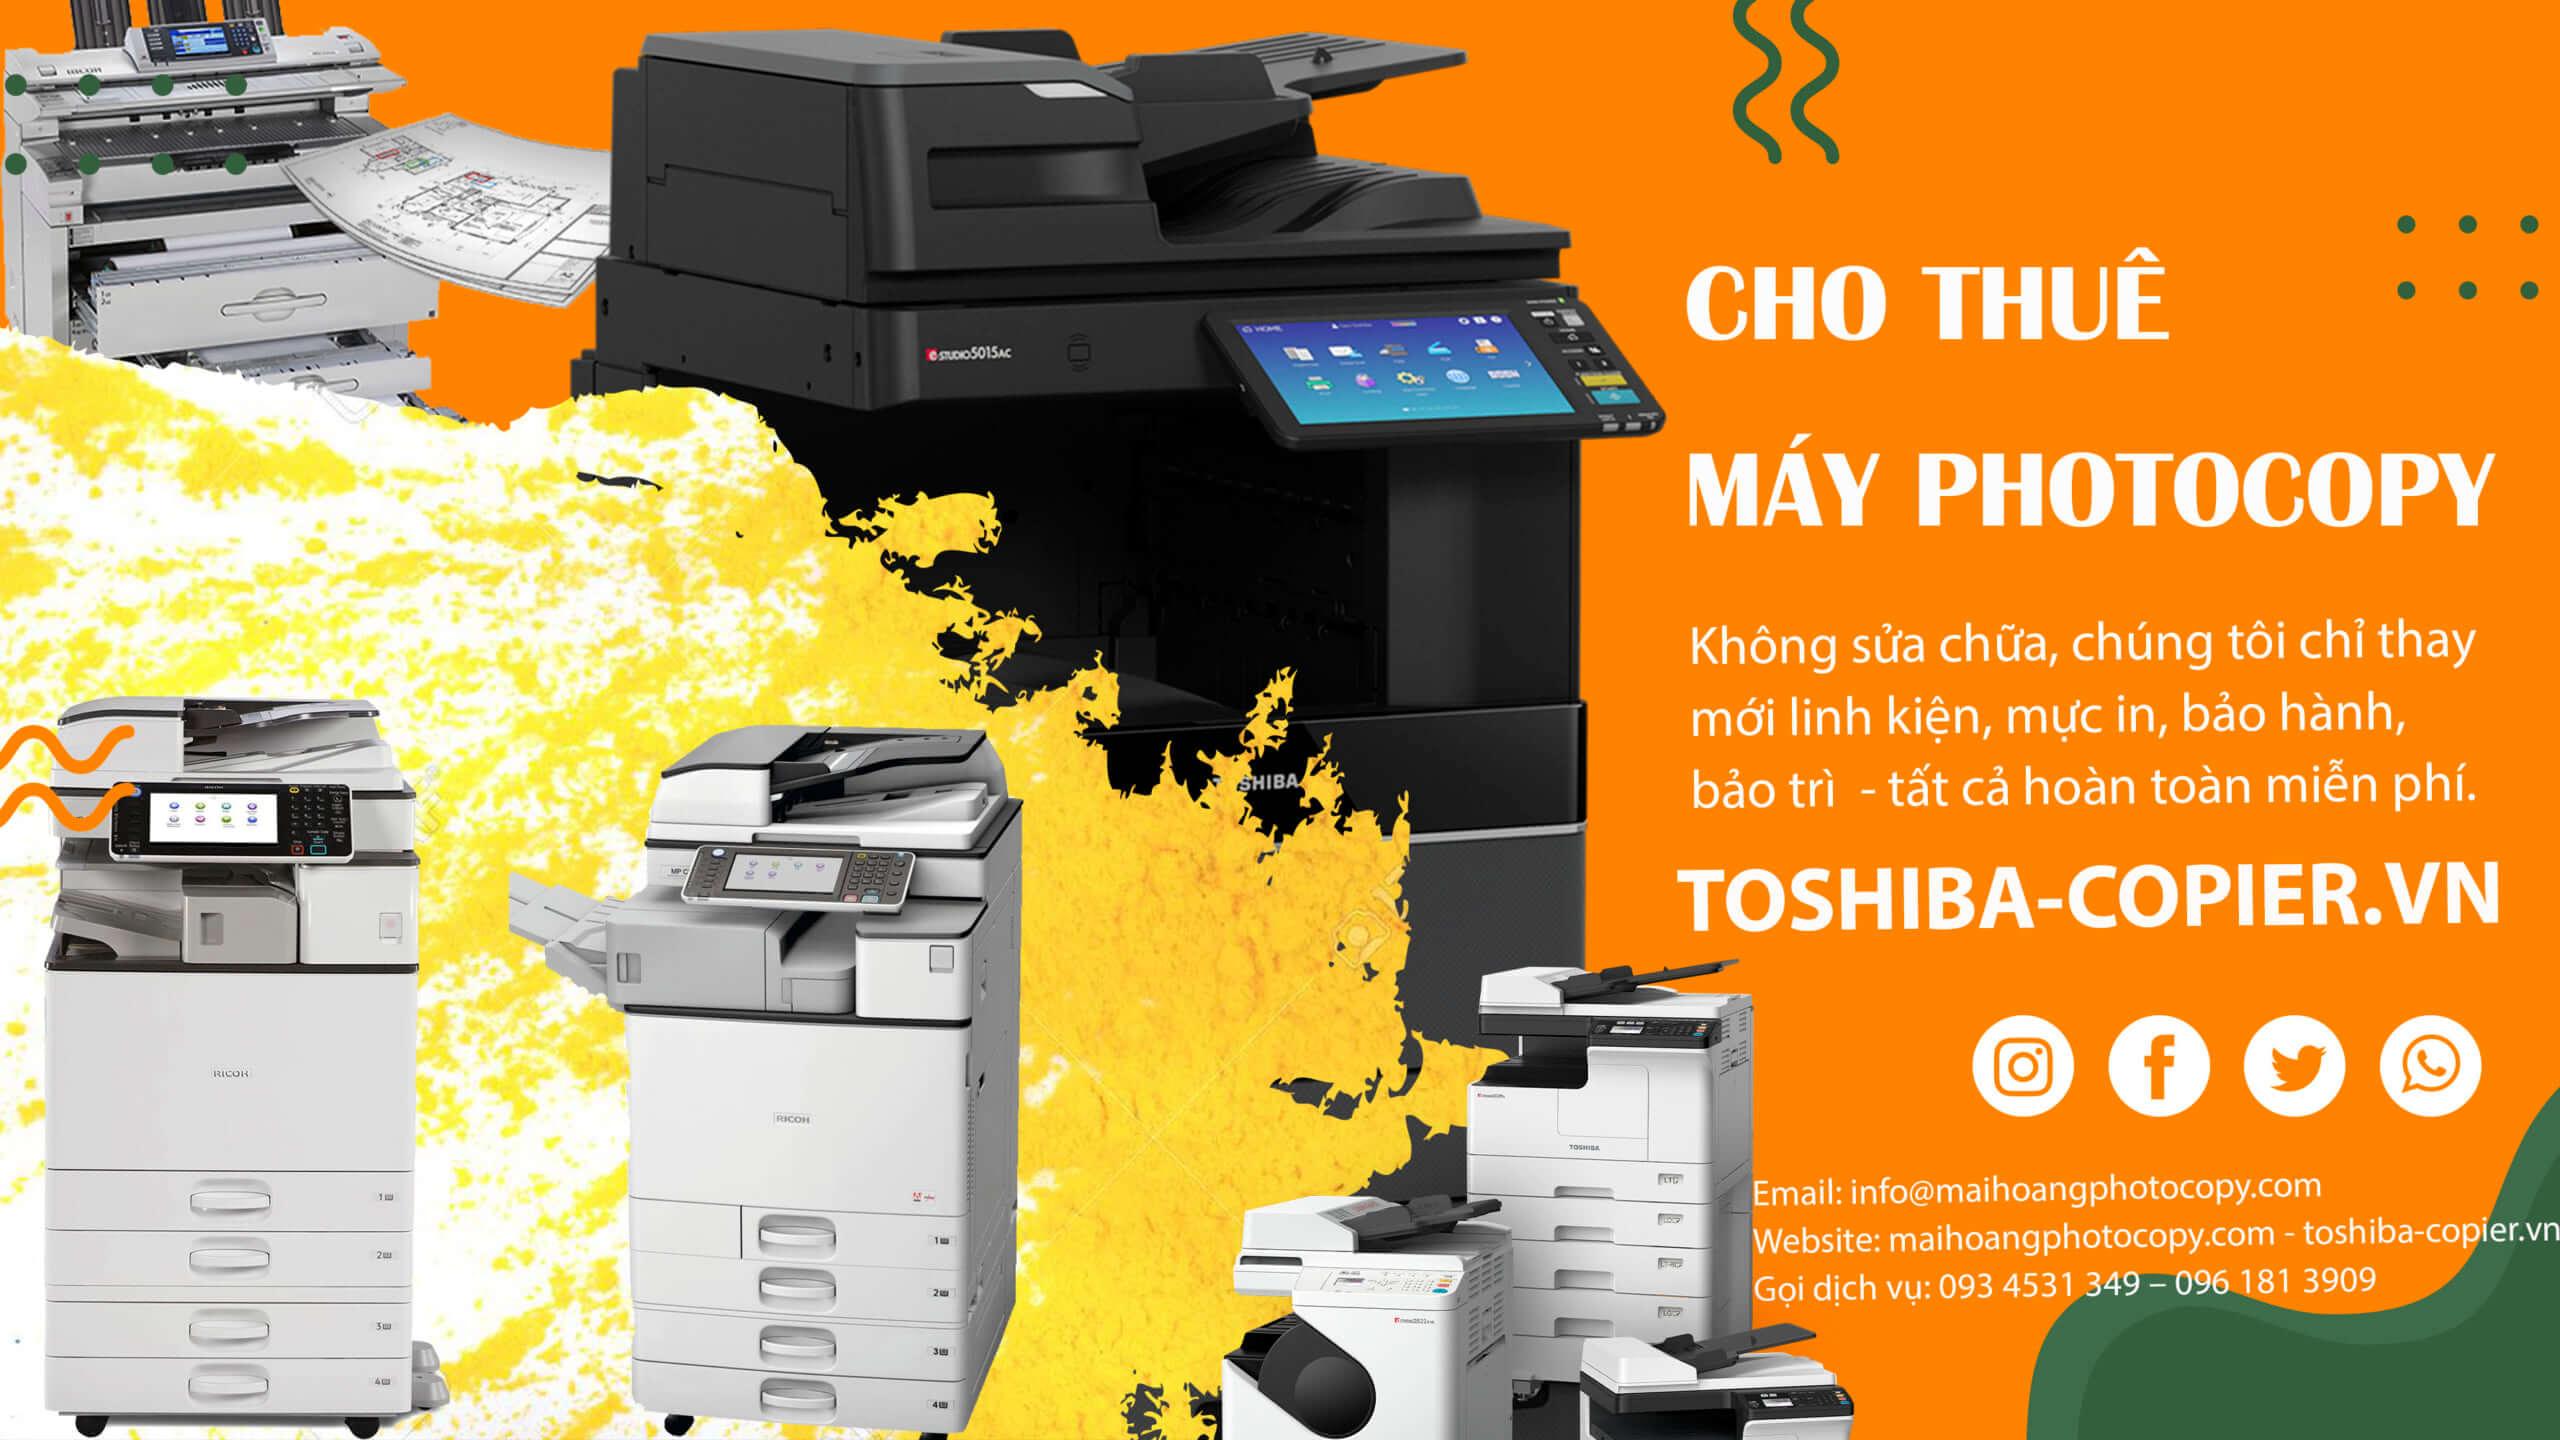 chi phí thuê máy photocopy là bao nhiêu